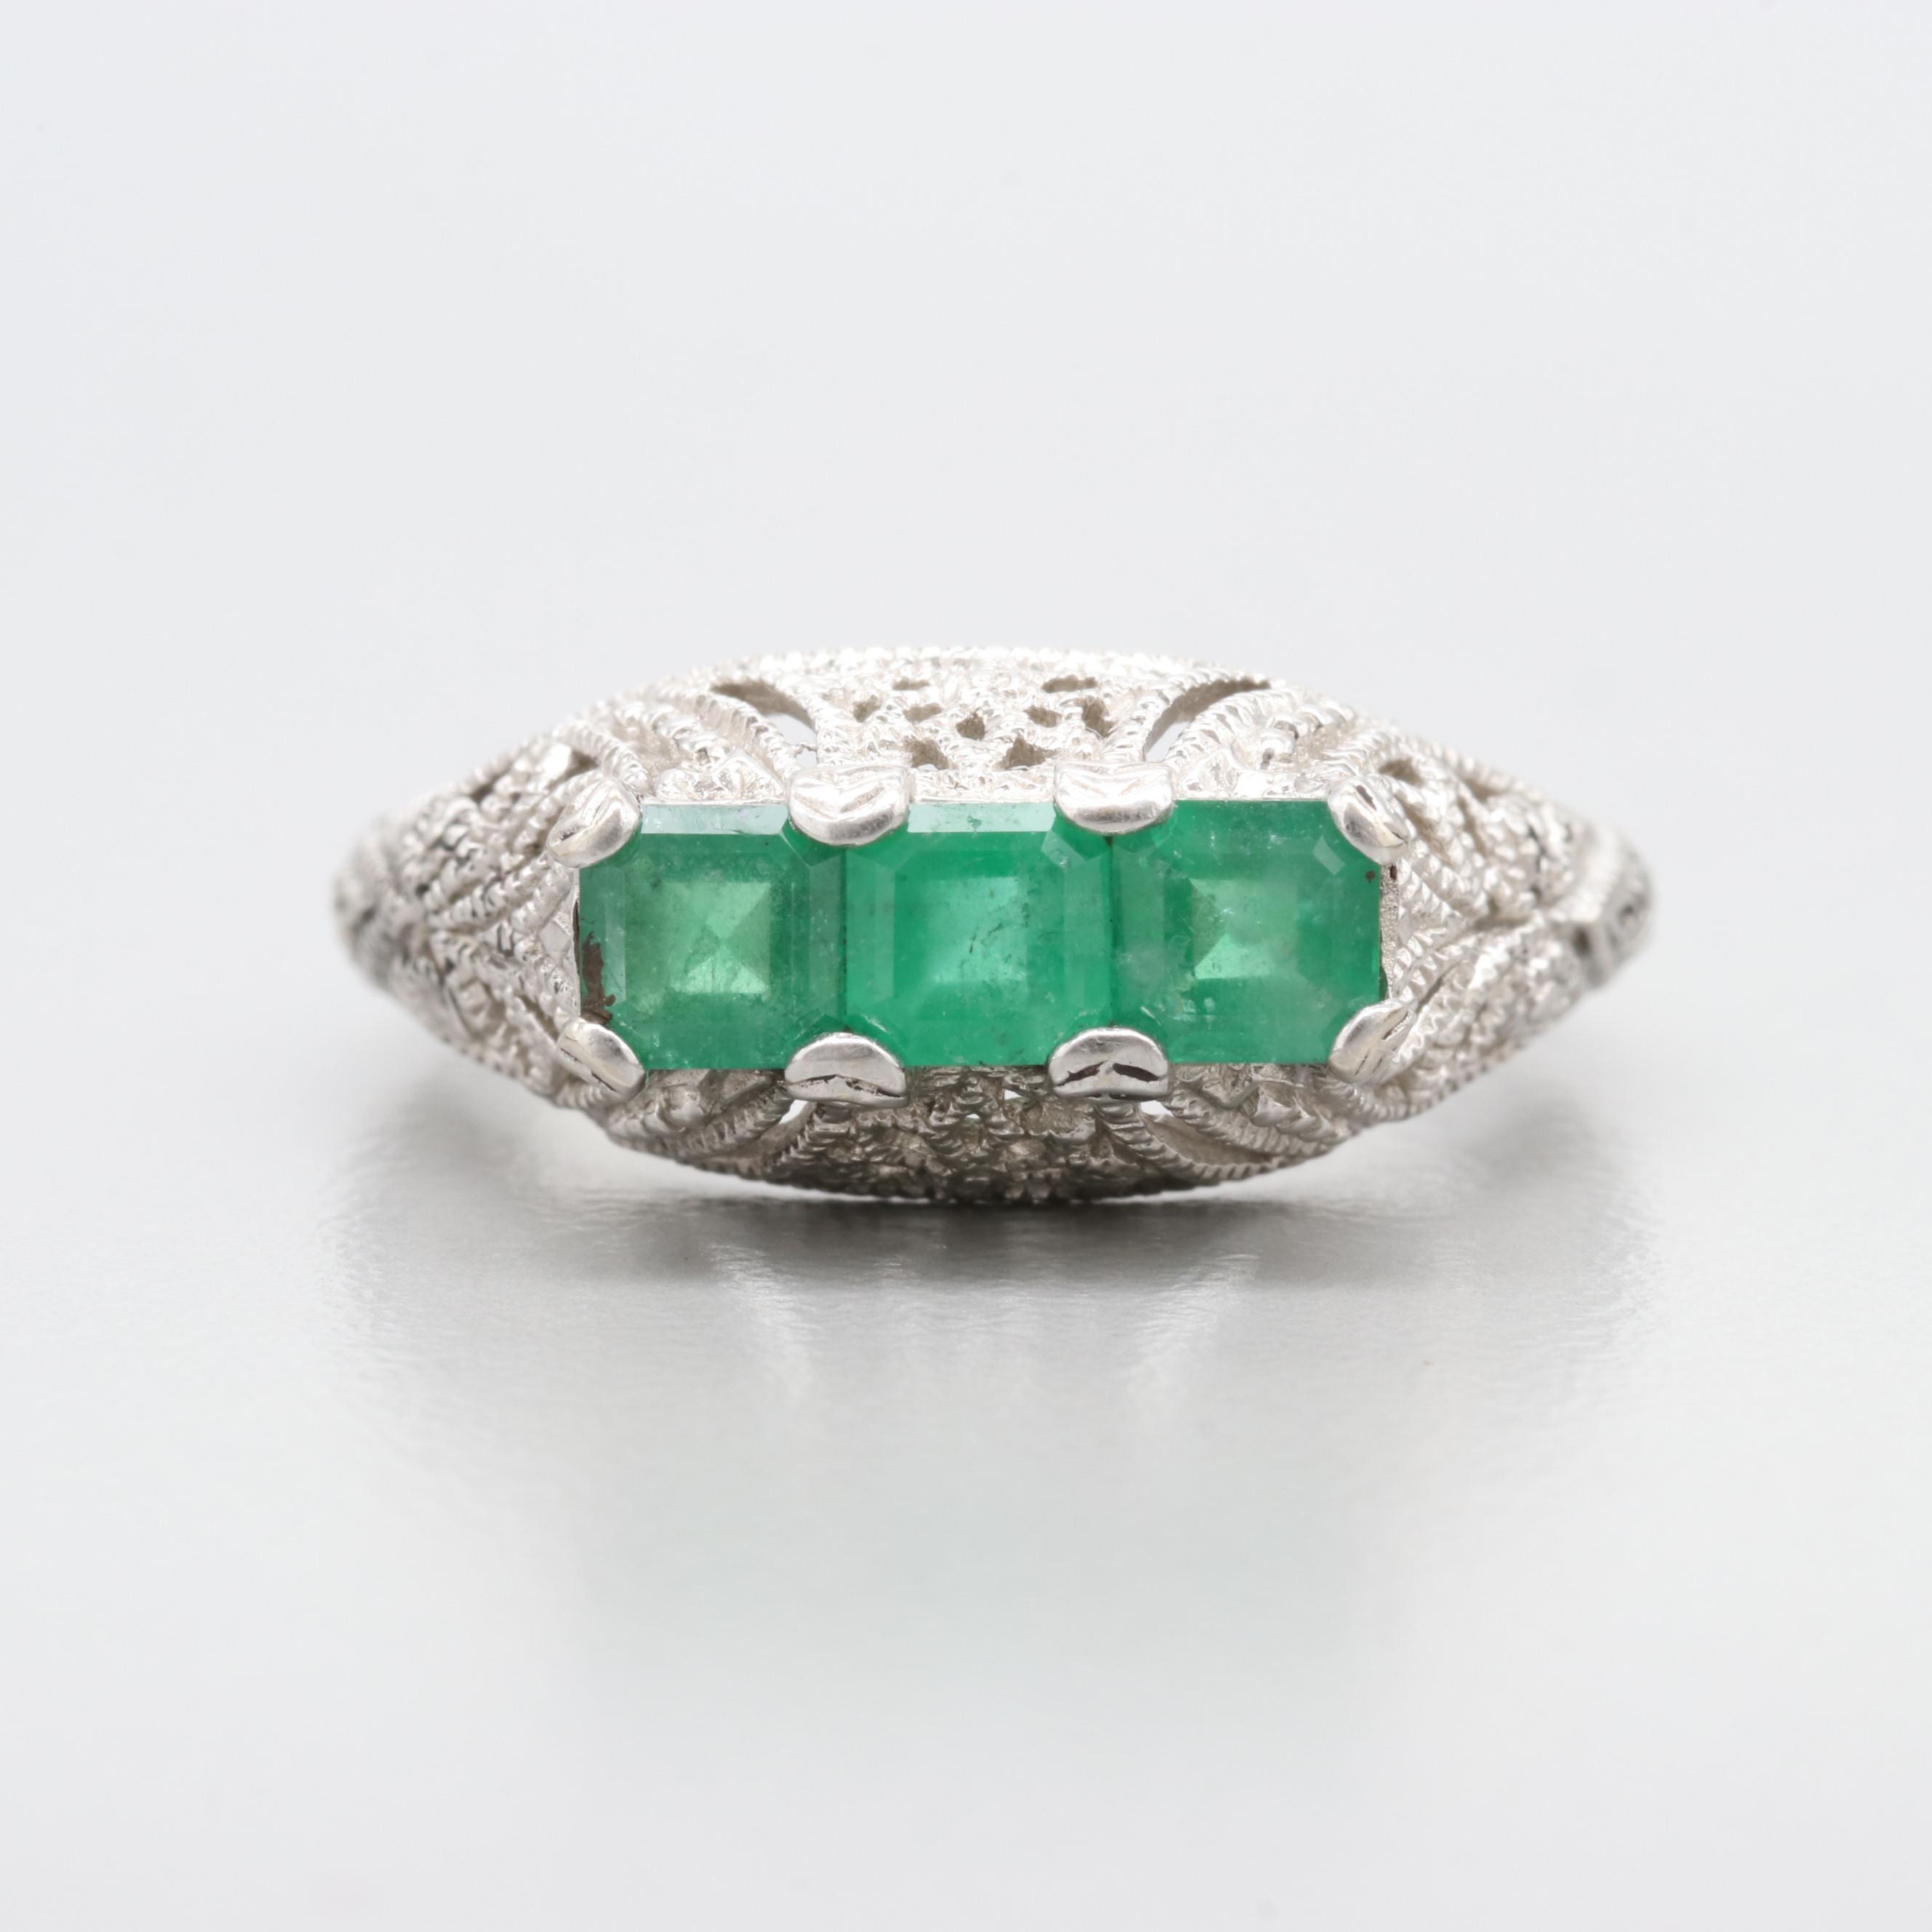 Art Deco Inspired 14K White Gold Emerald Ring